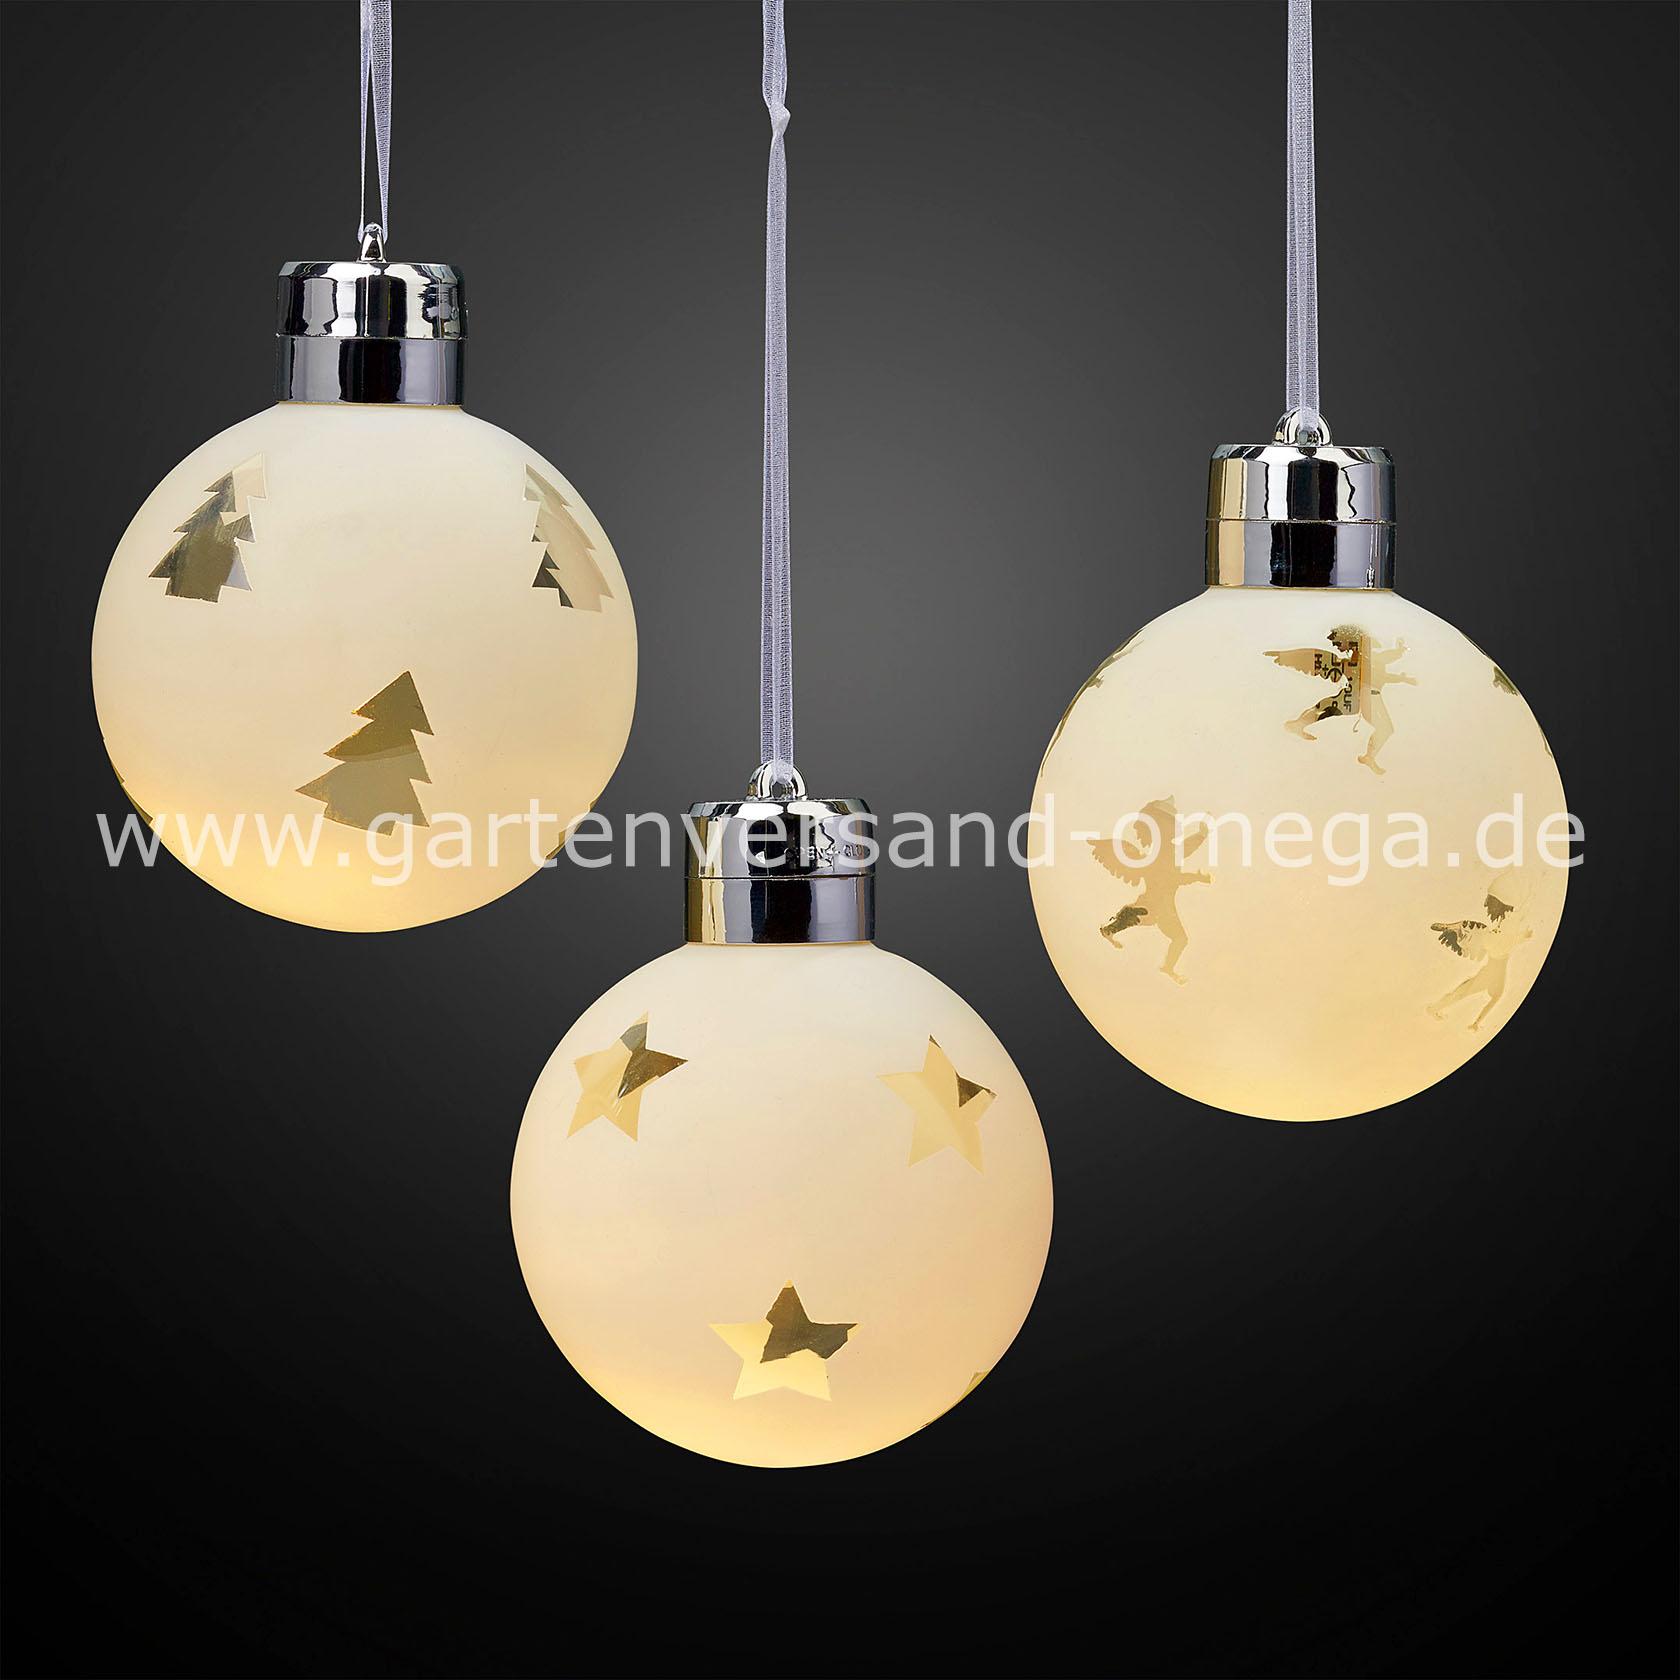 Beleuchtete Weihnachtskugeln.Led Weihnachtskugeln